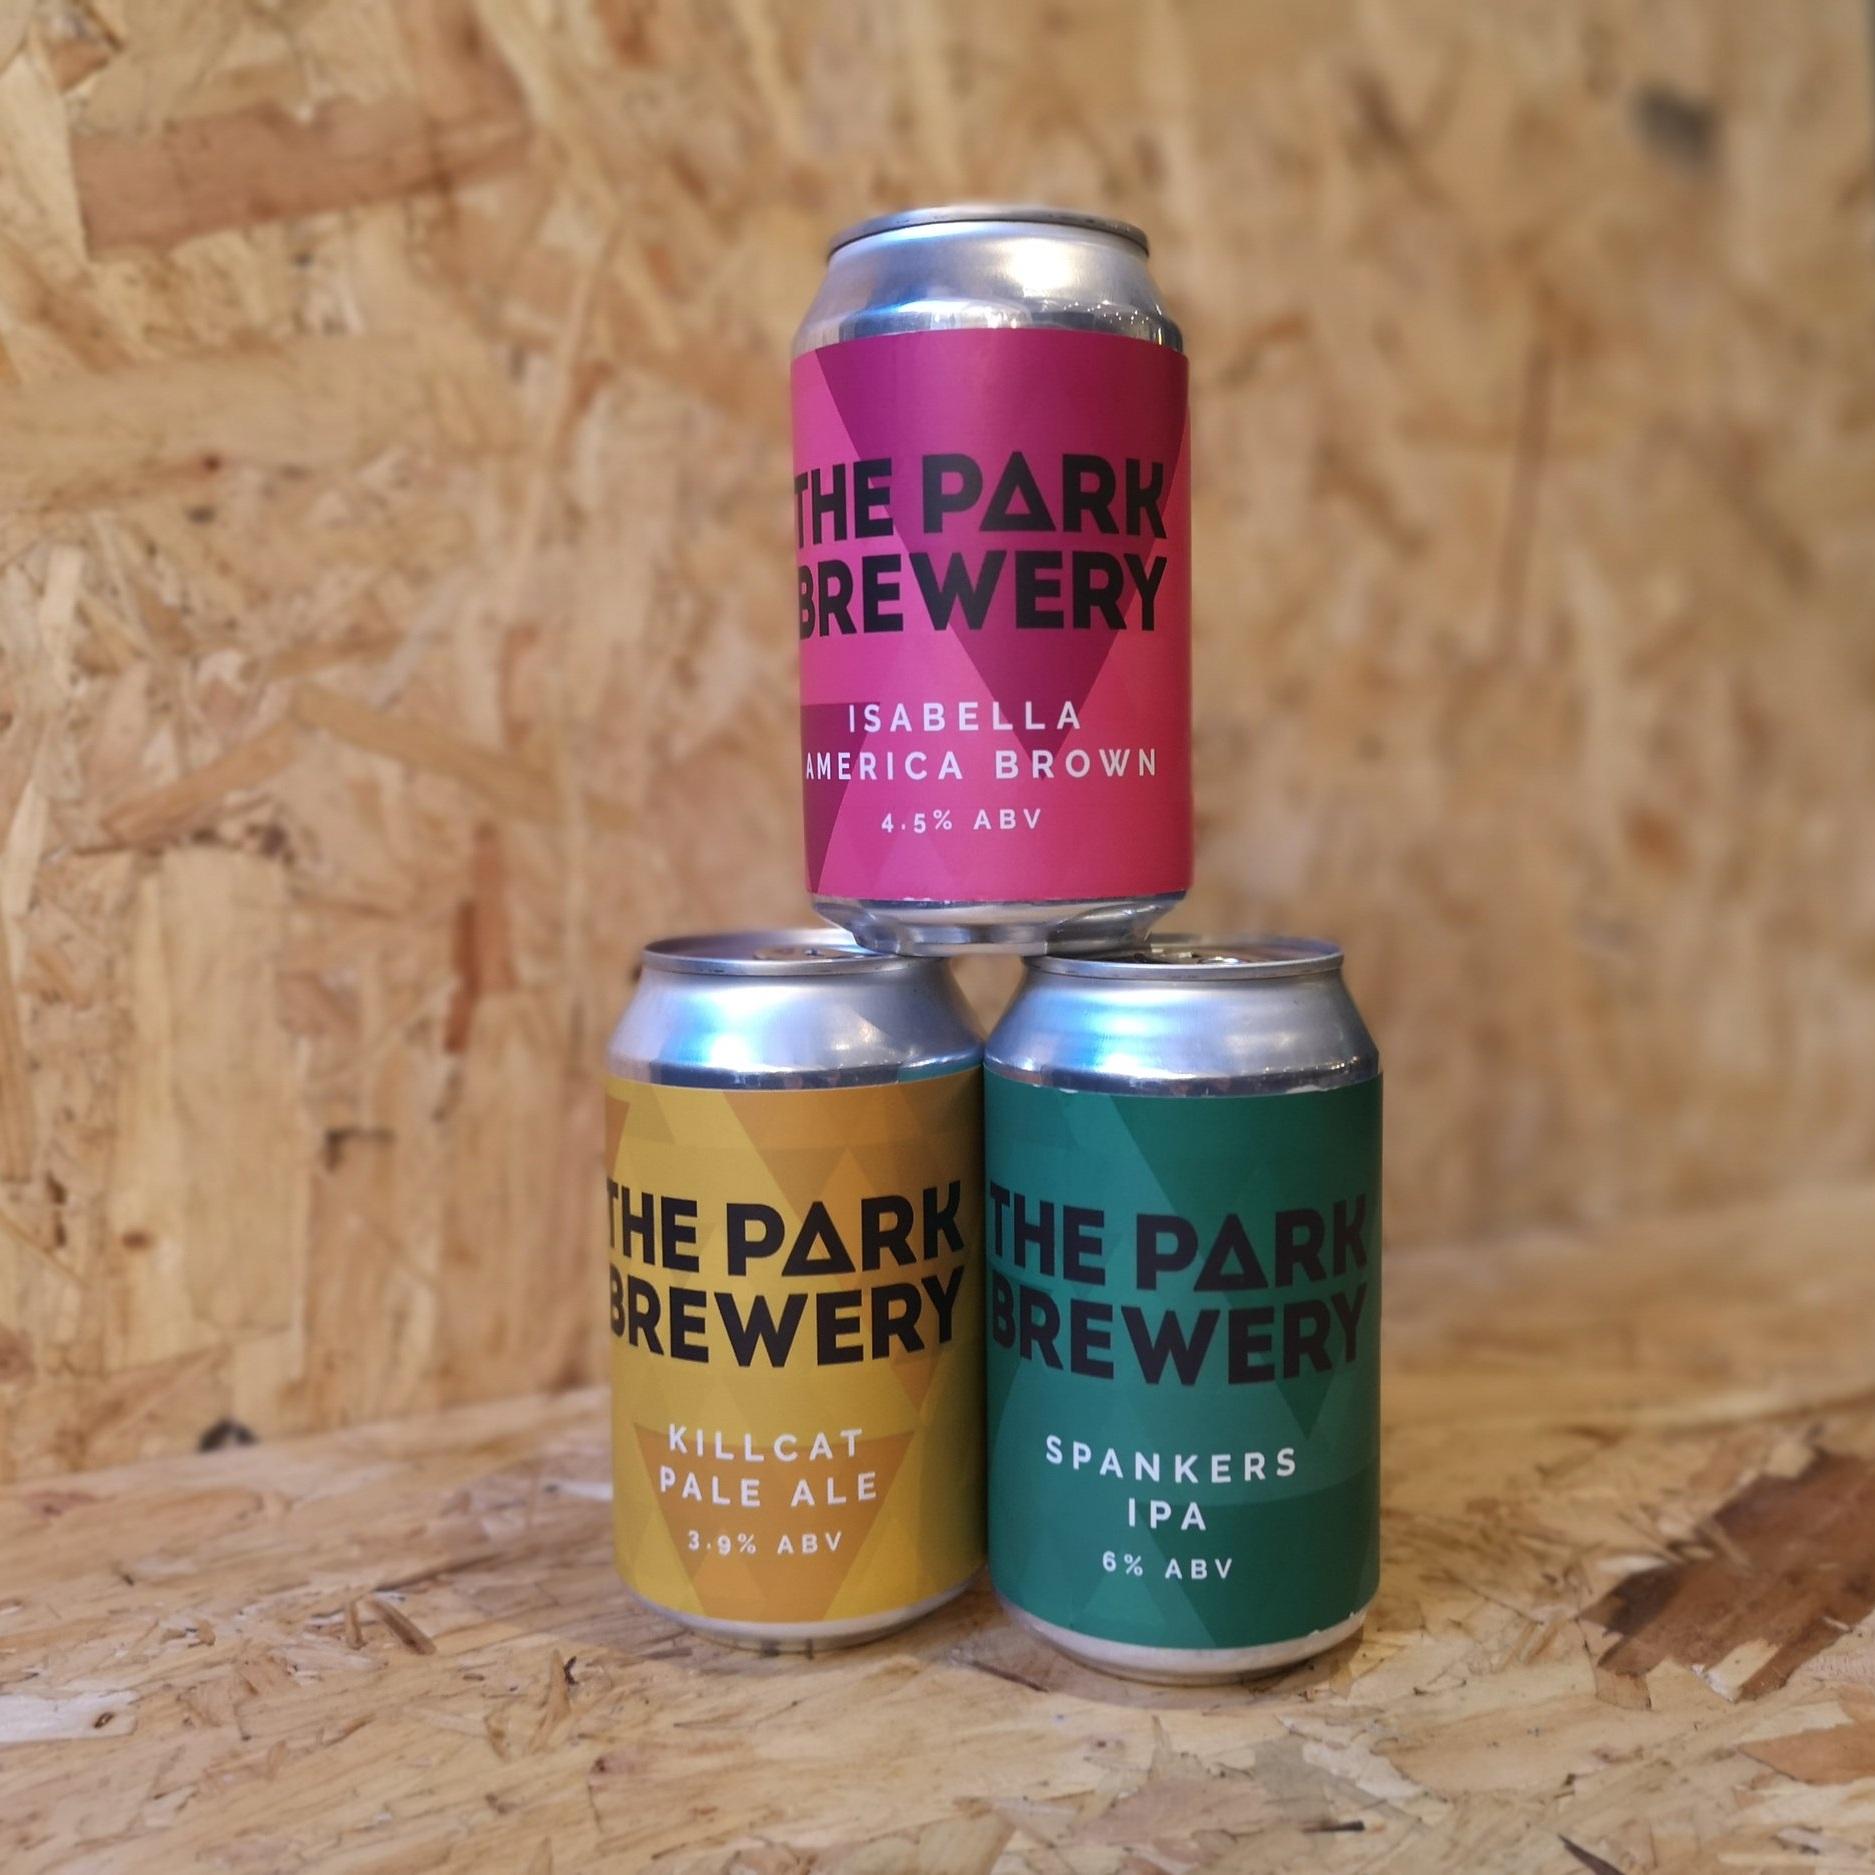 craft-beer-bottle-shop-cans